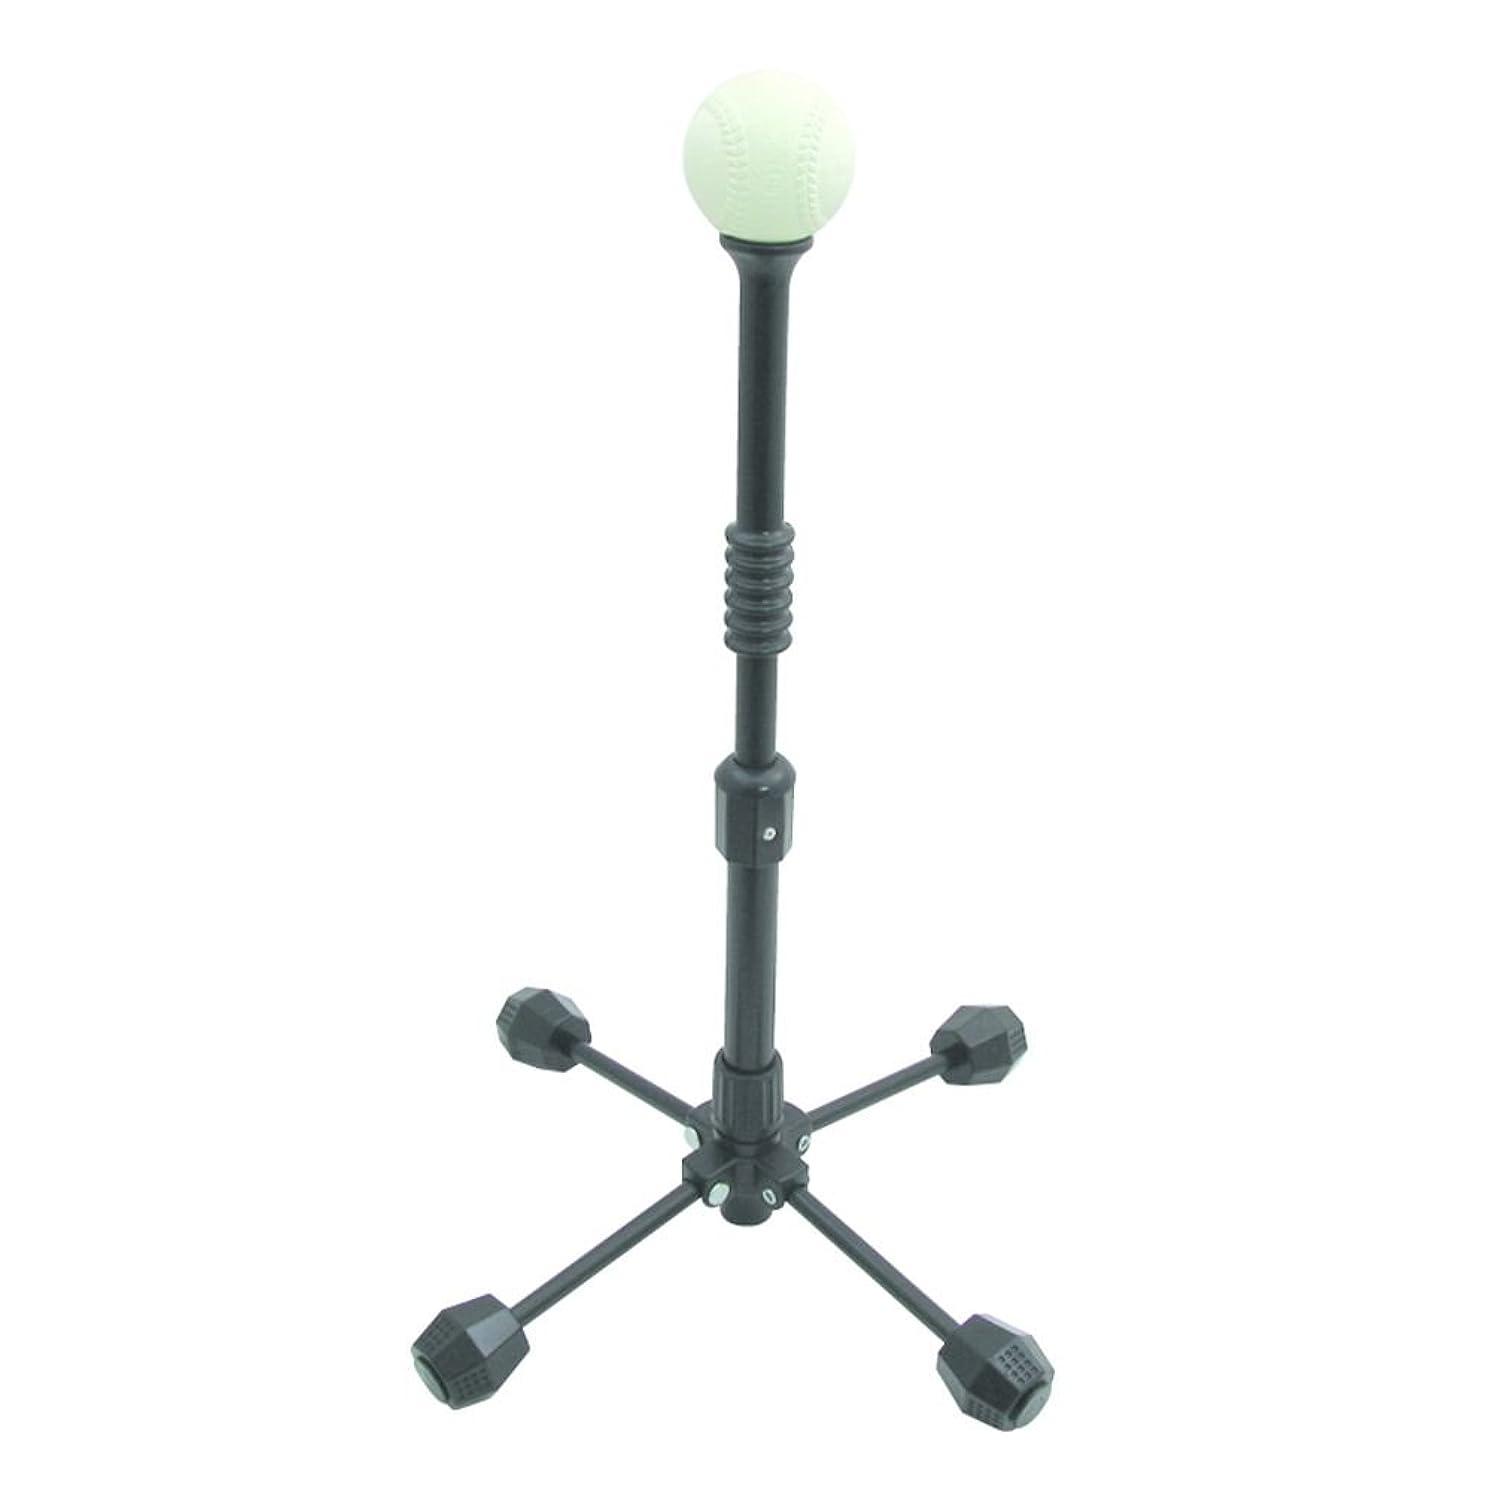 何よりもインフラ不合格Kaiser(カイザー) バッティング マシン セット KW-545 ボール付 電池式 野球 練習 レジャー ファミリースポーツ